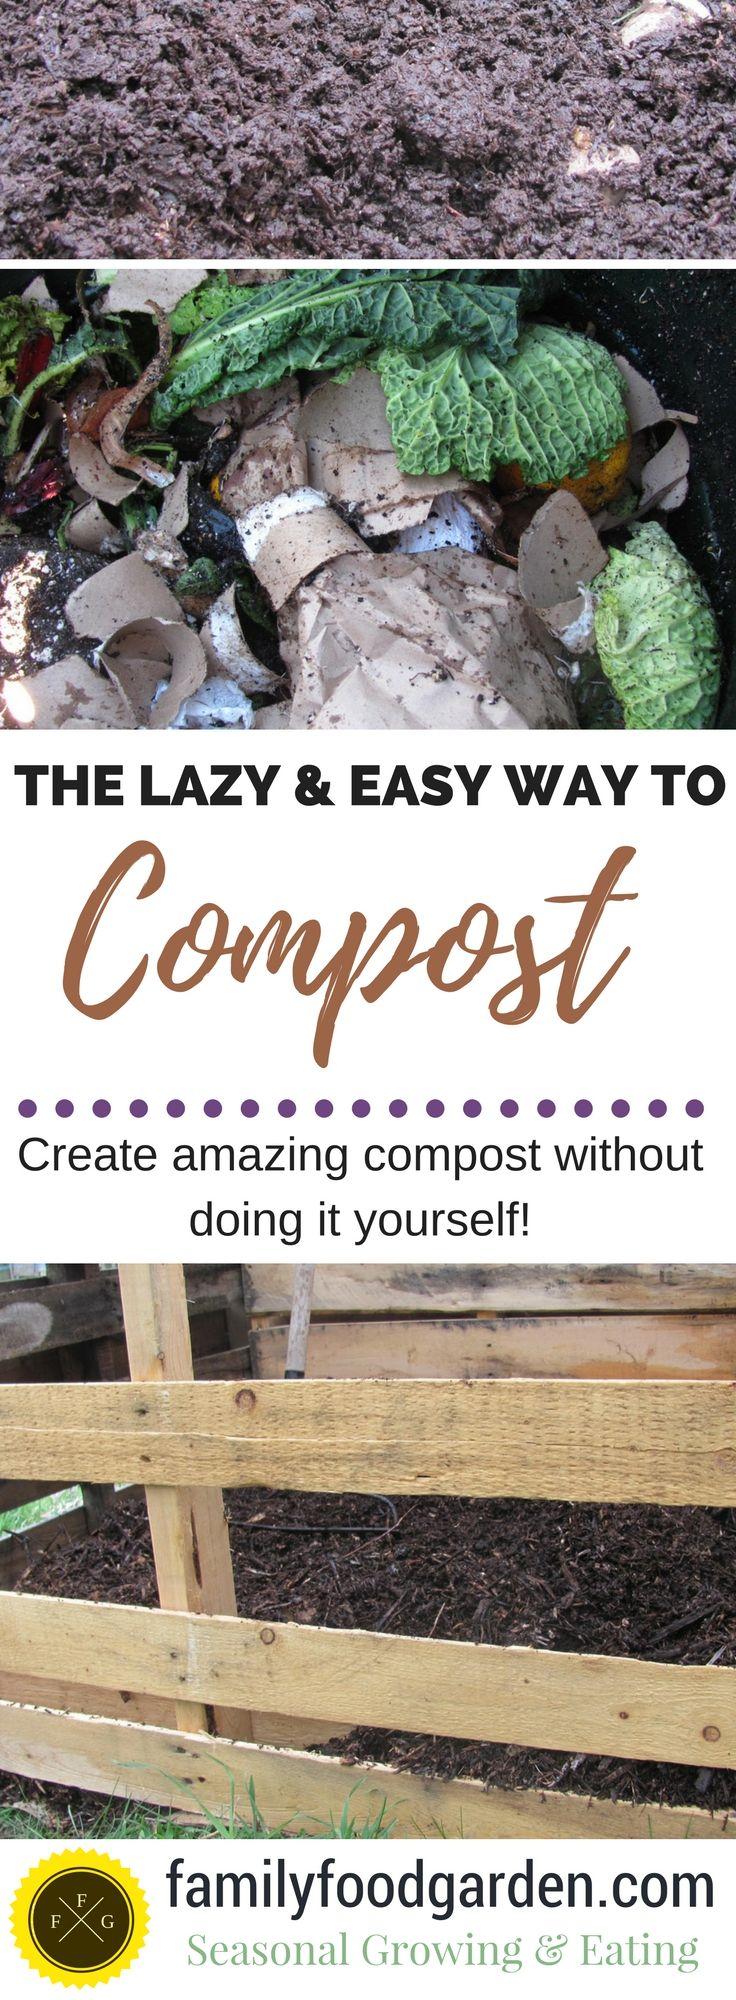 115 best composting 101 images on pinterest | compost, garden